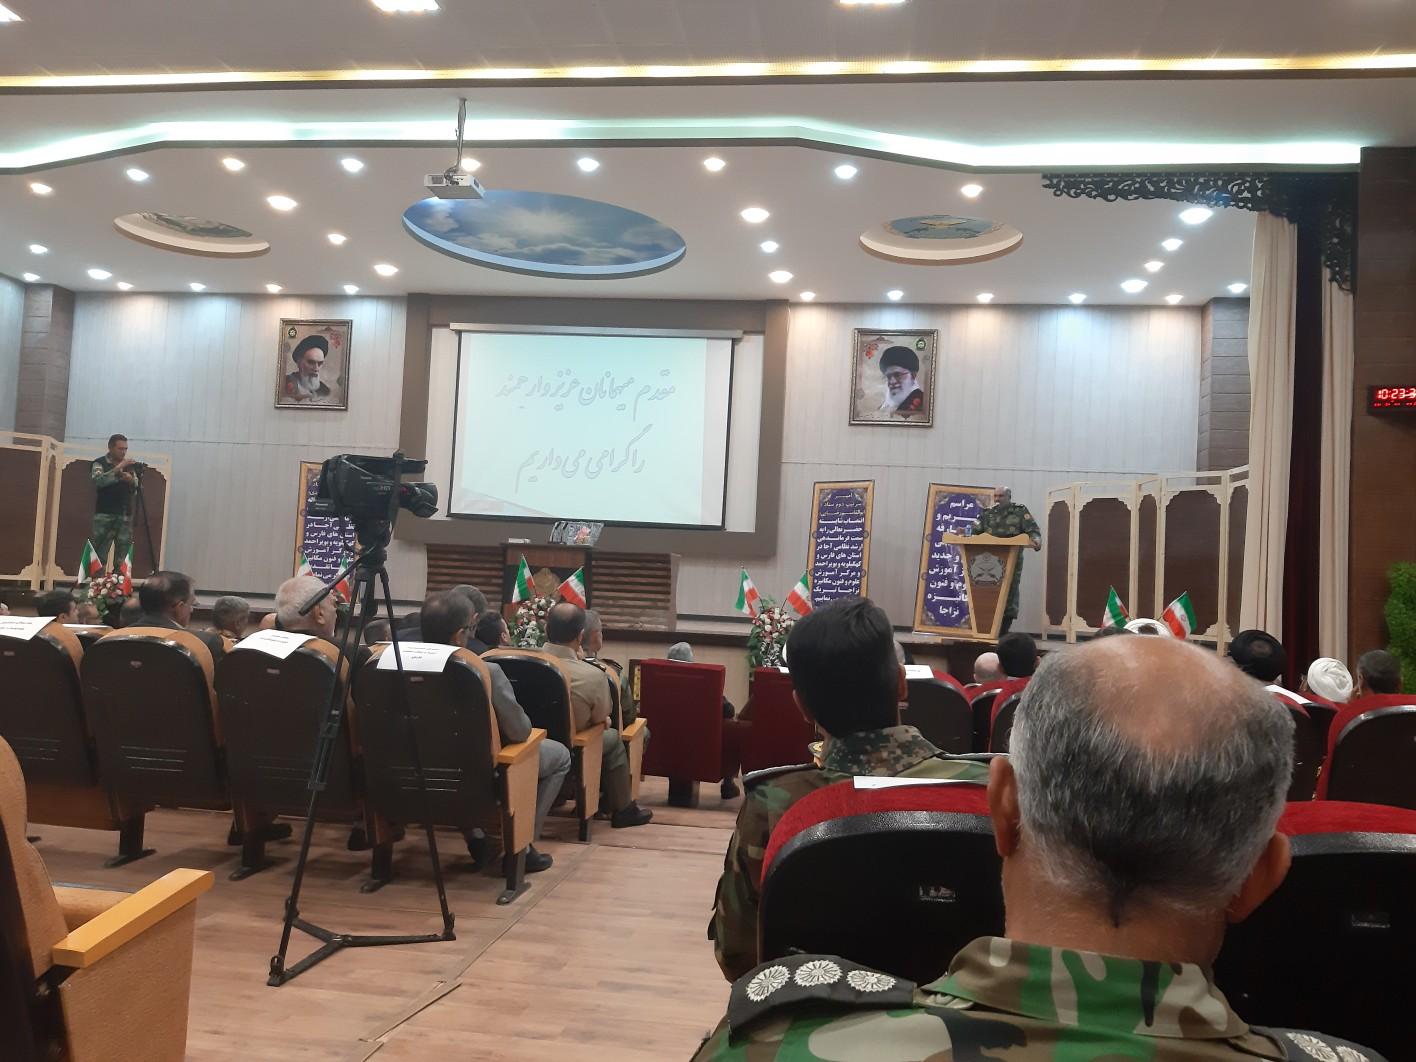 مراسم تکریم و معارفه فرمانده ارشد نظامی آجا در استان های فارس و کهگیلویه وبویراحمد